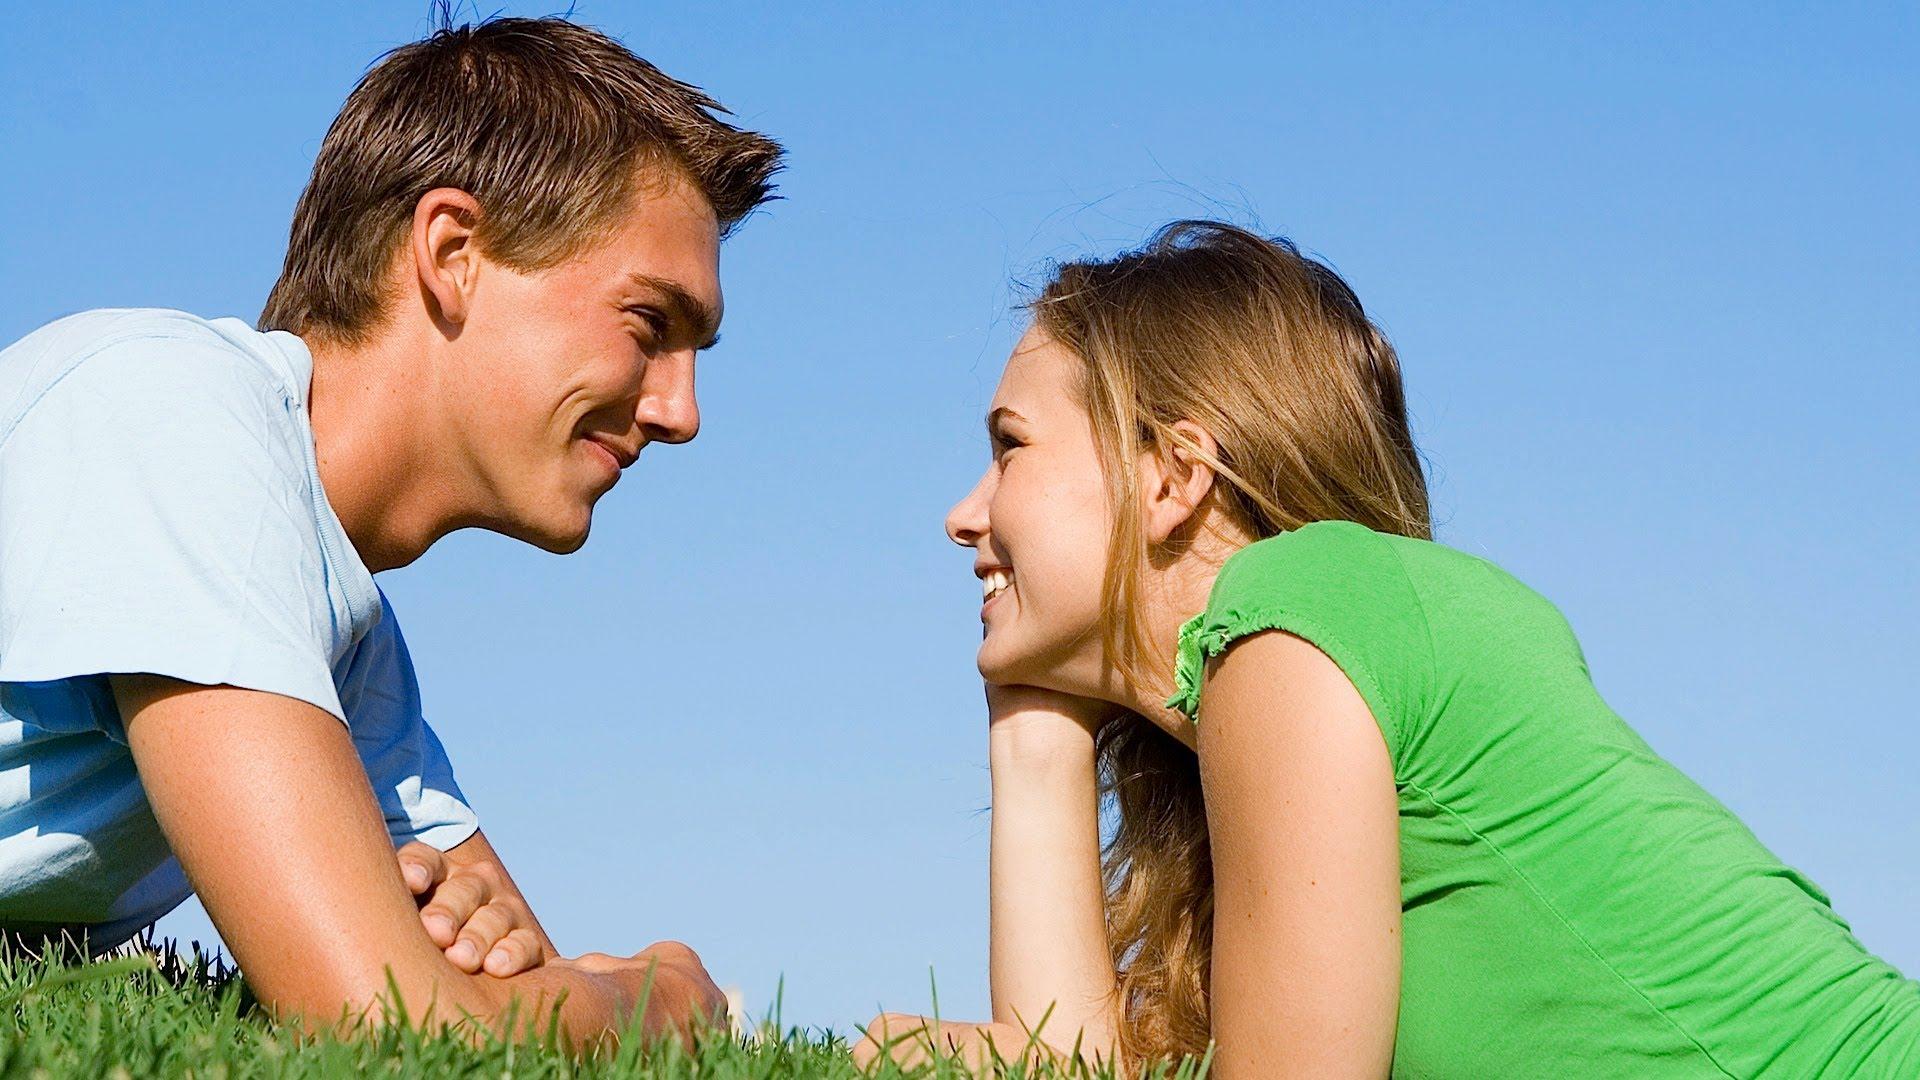 парень и девушка на траве